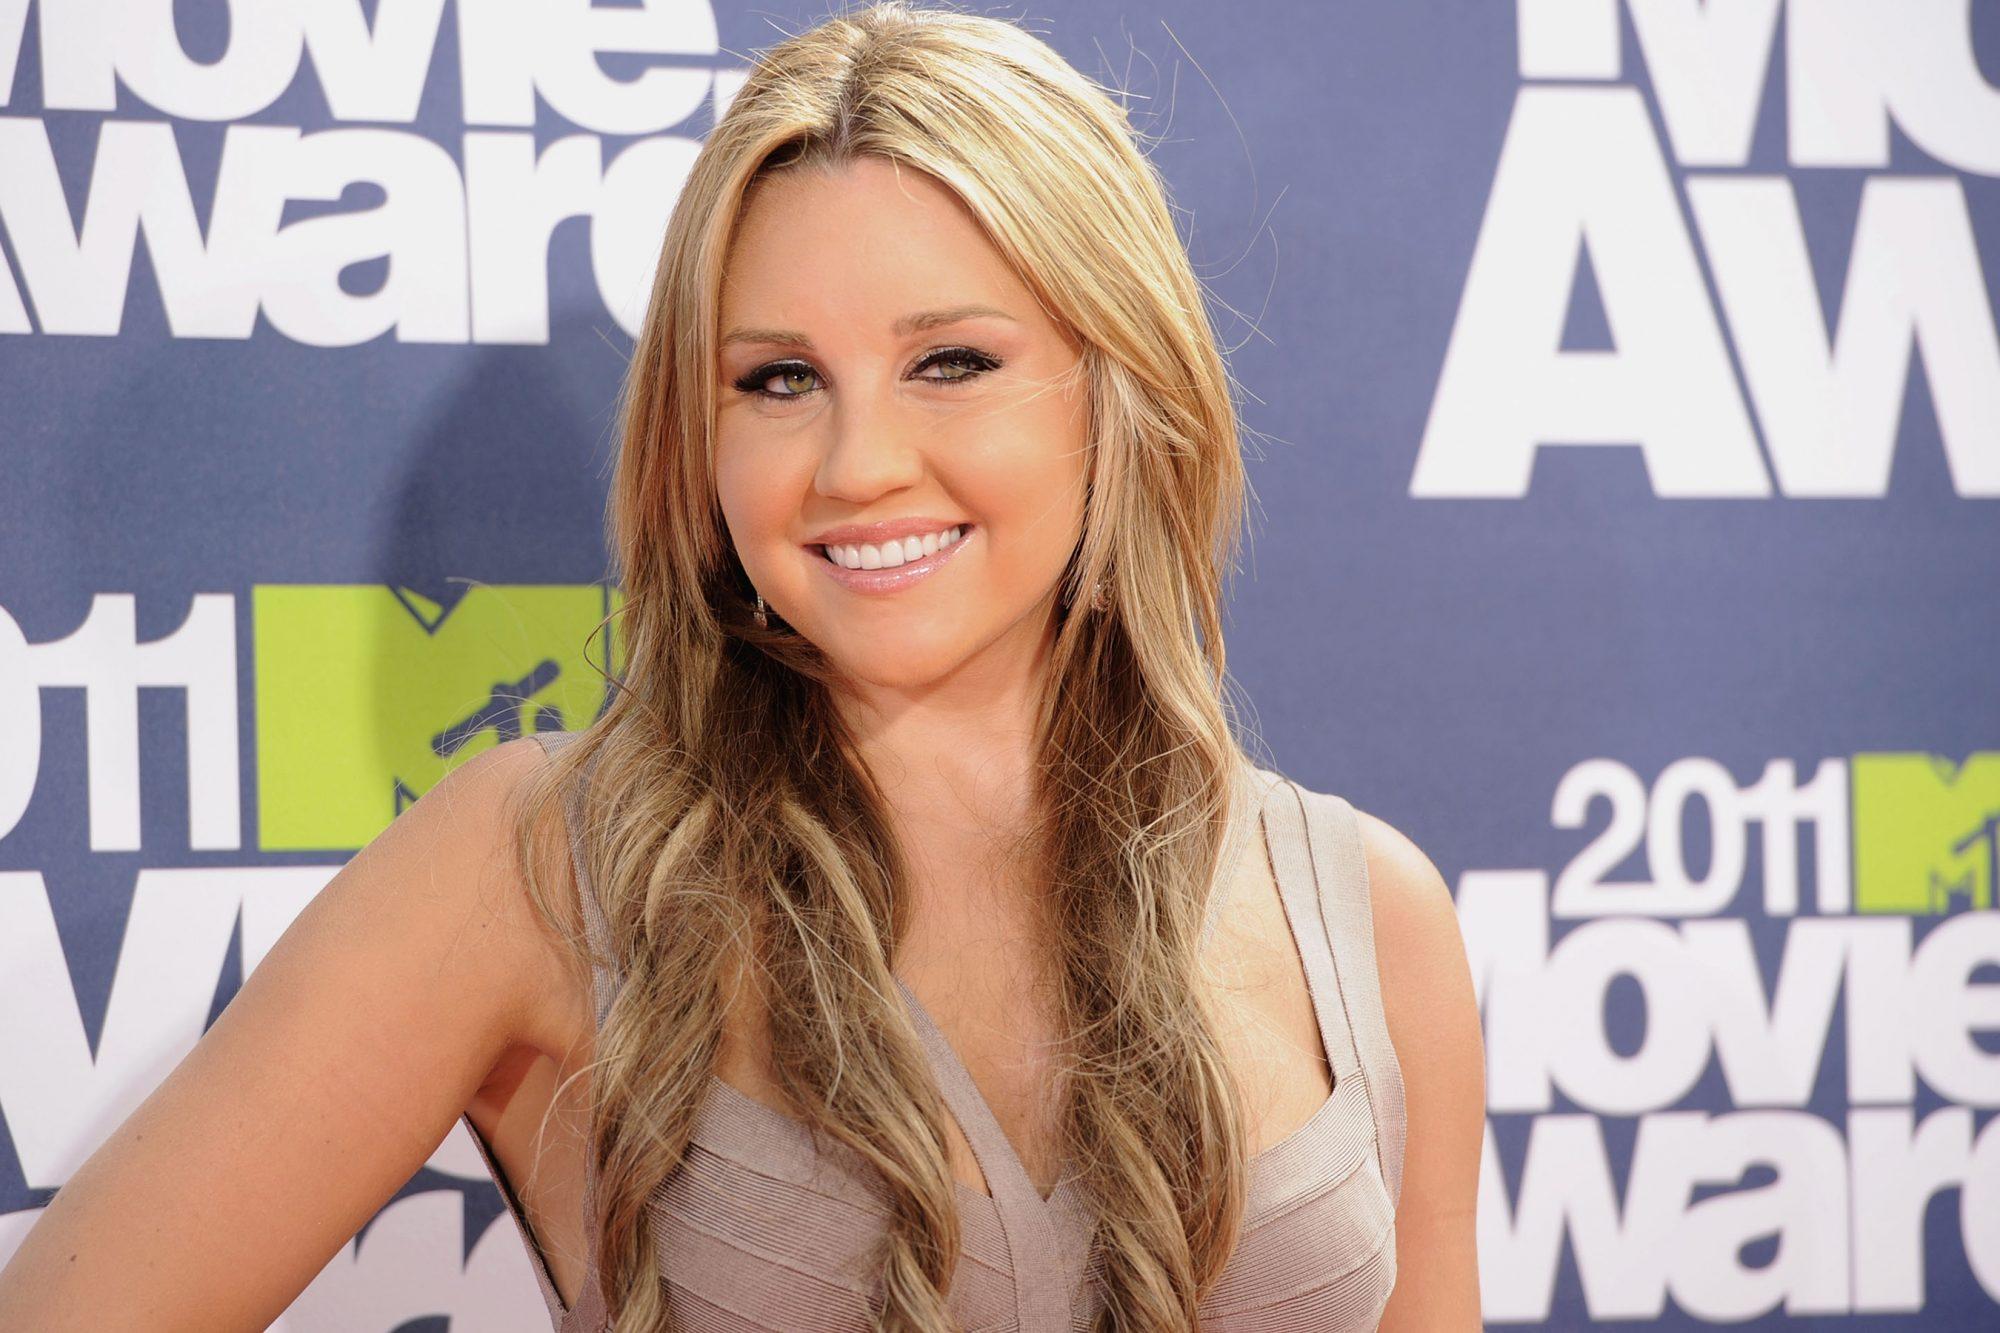 2011 MTV Movie Awards - Arrivals